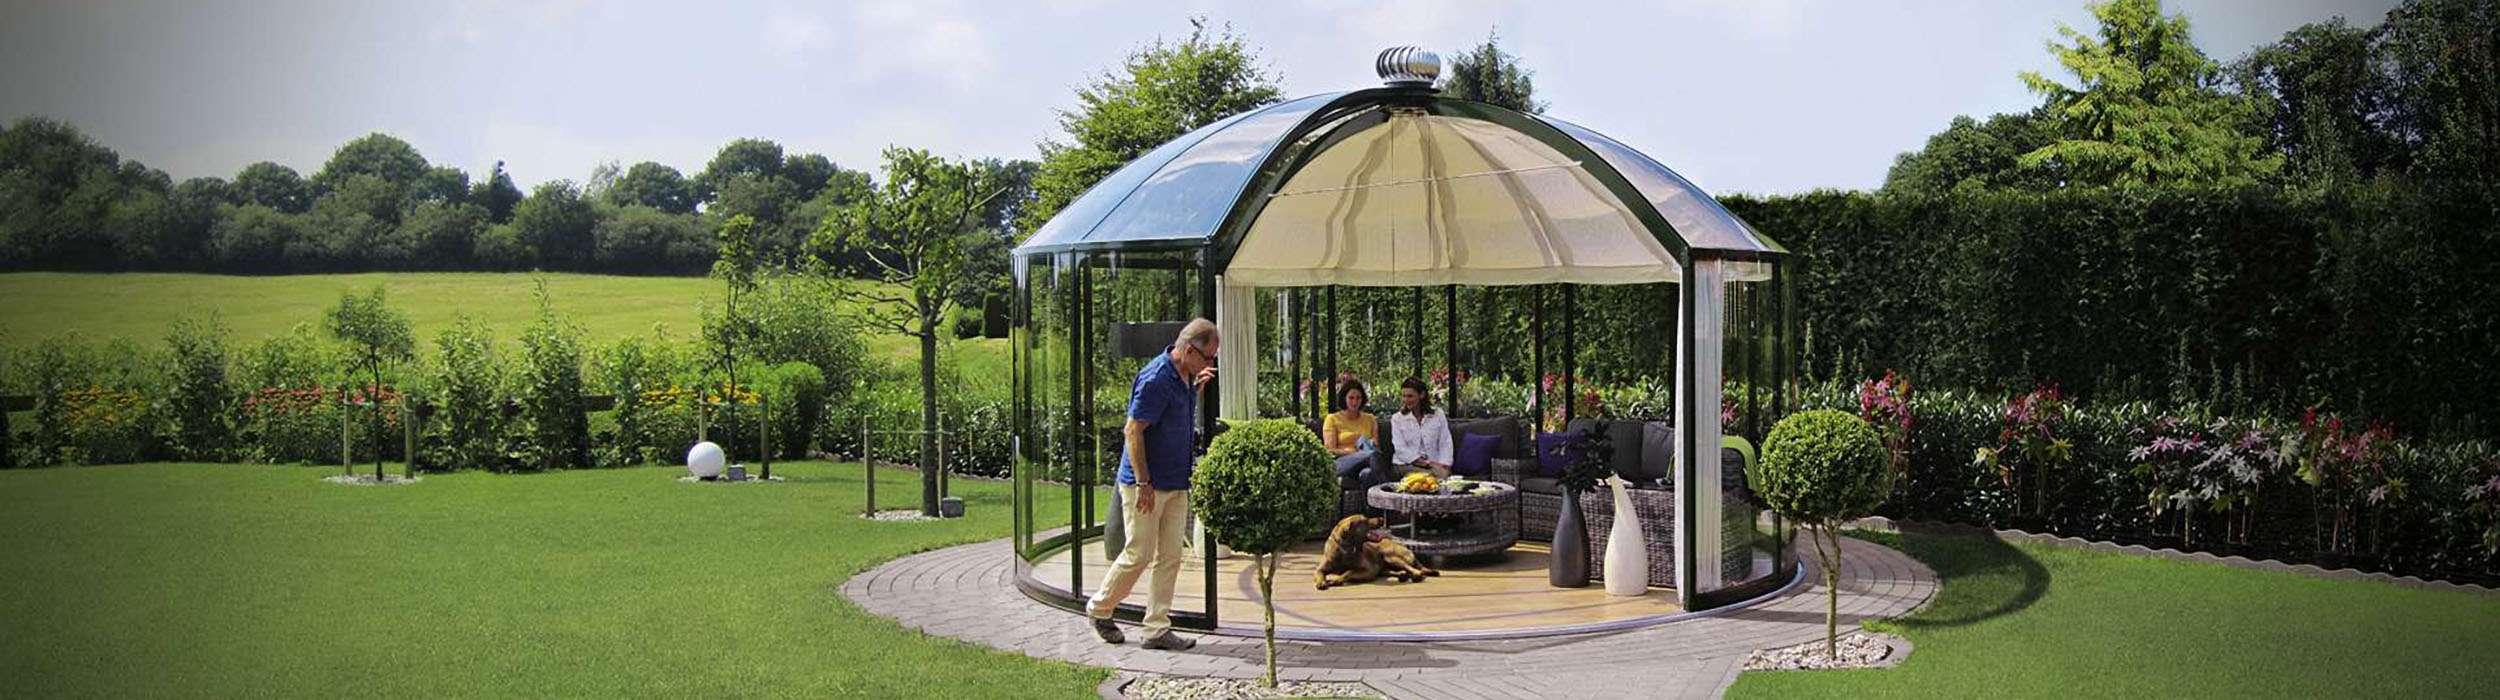 Full Size of Garten überdachung Gartengestaltung Pavillon 5 Tipps Fr Ihr Grnes Wohnzimmer Holzhaus Lounge Möbel Kräutergarten Küche Beistelltisch Spielhaus Holzbank Wohnzimmer Garten überdachung